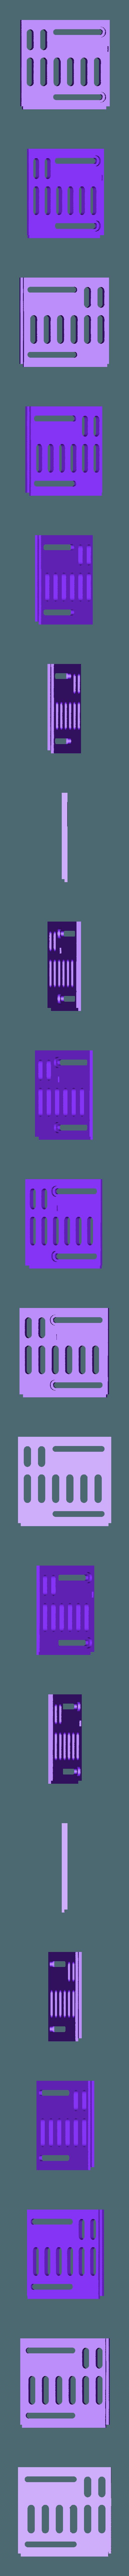 Motor_Support_A.STL Télécharger fichier STL gratuit Machine universelle pour tour miniature • Modèle pour imprimante 3D, perinski